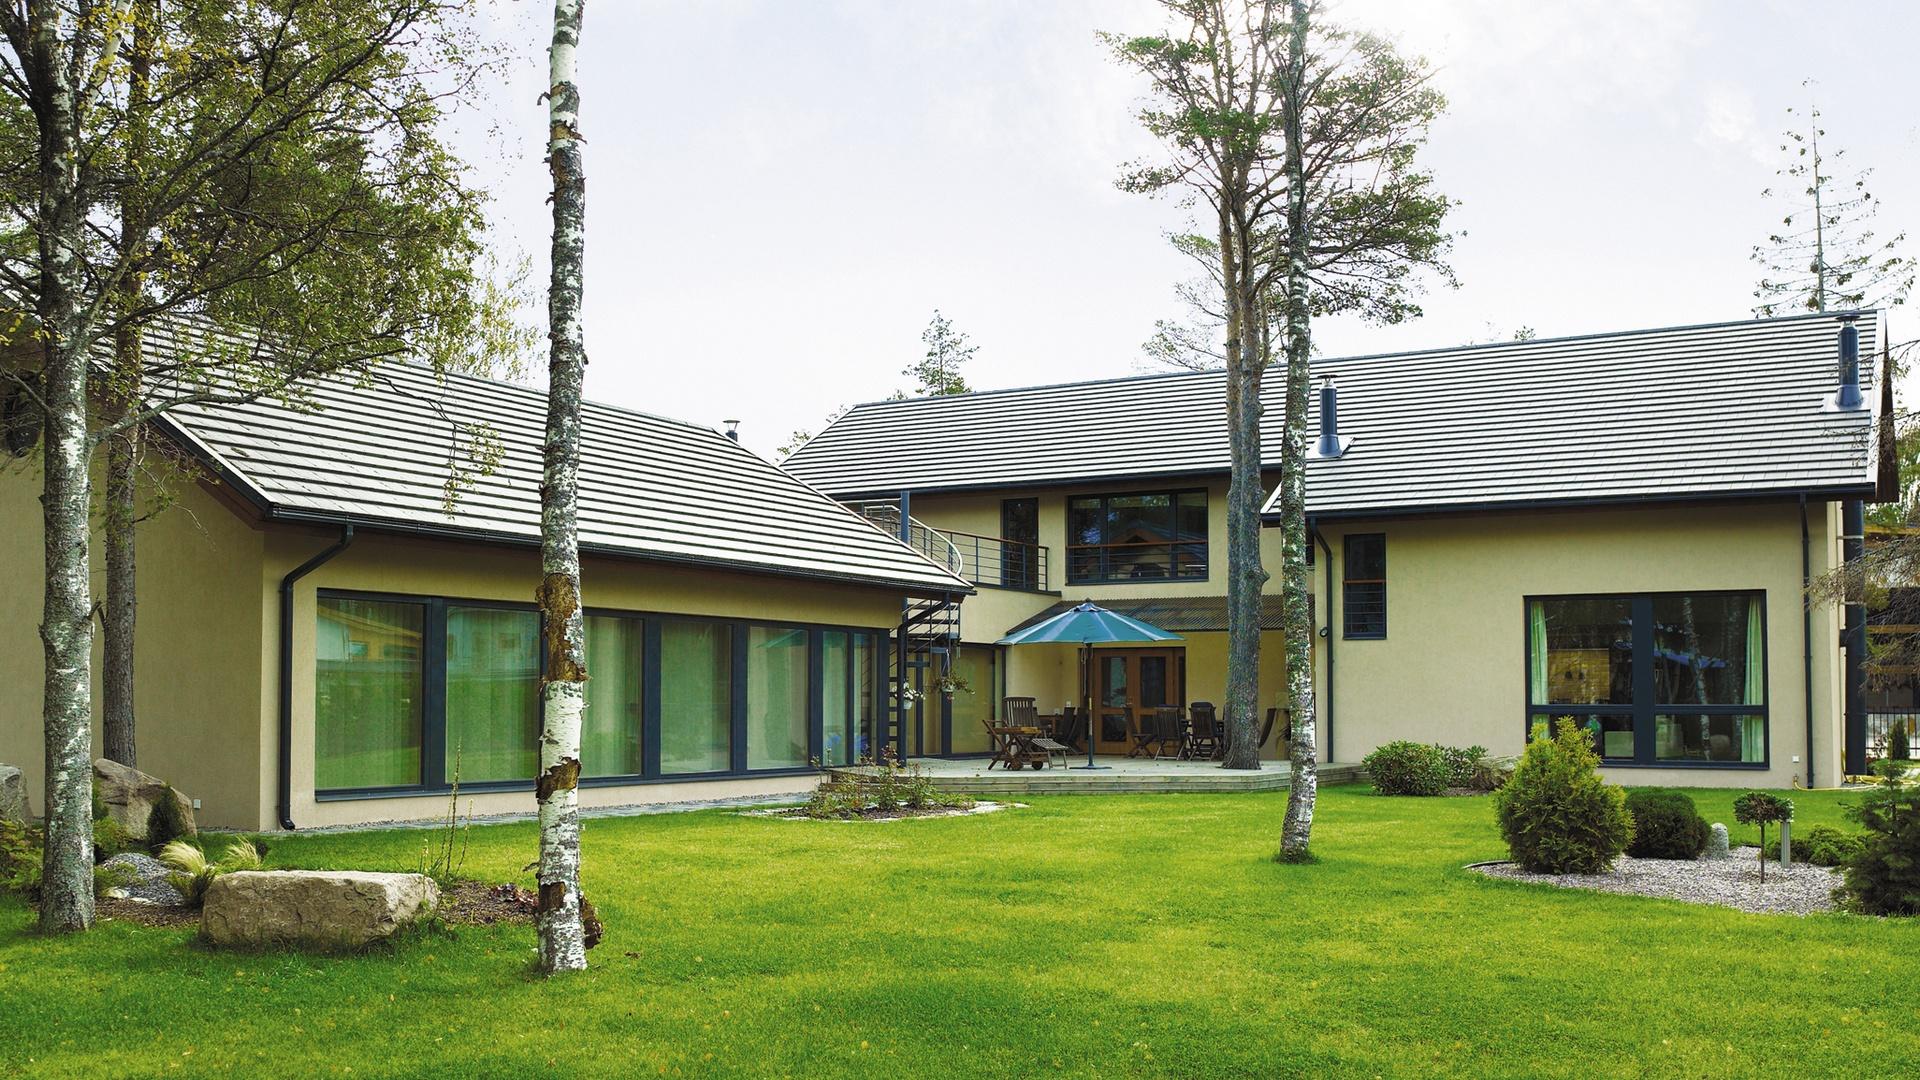 Laattamainen betonikattotiili Minster soveltuu erityisen hyvin pelkistettyihin, moderneihin rakennuksiin. Se on kuitenkin kuin kotonaan myös suomalaiskansallisessa hirsirakennuksessa